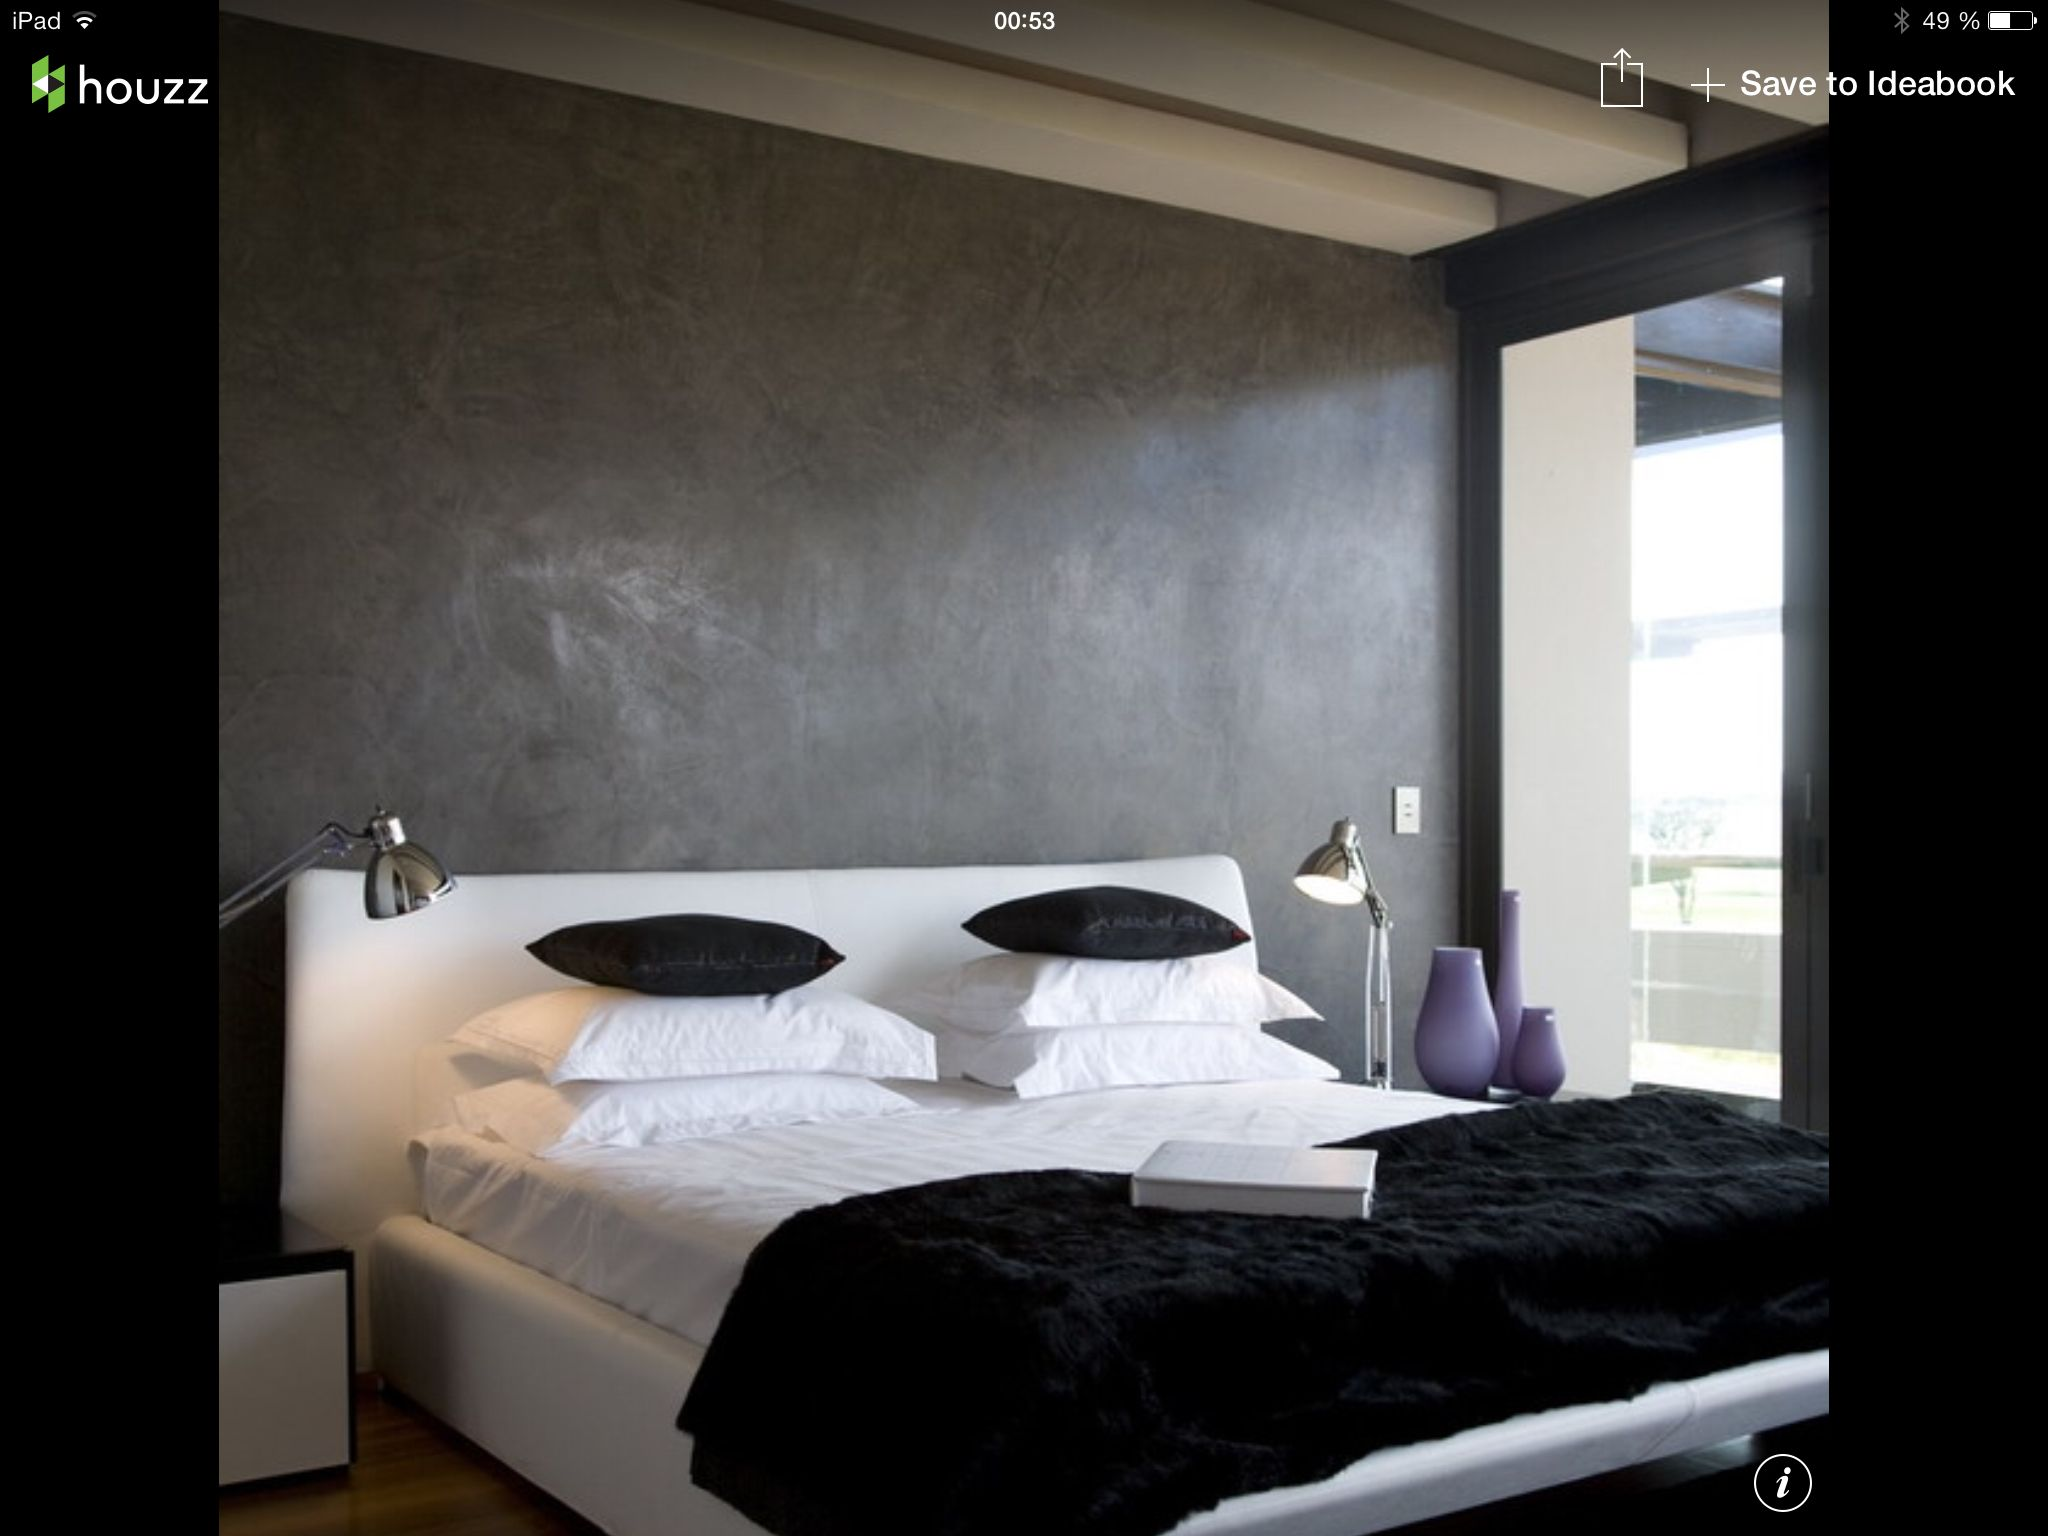 Concrete wall in bedroom mur faux finis béton dans une chambre